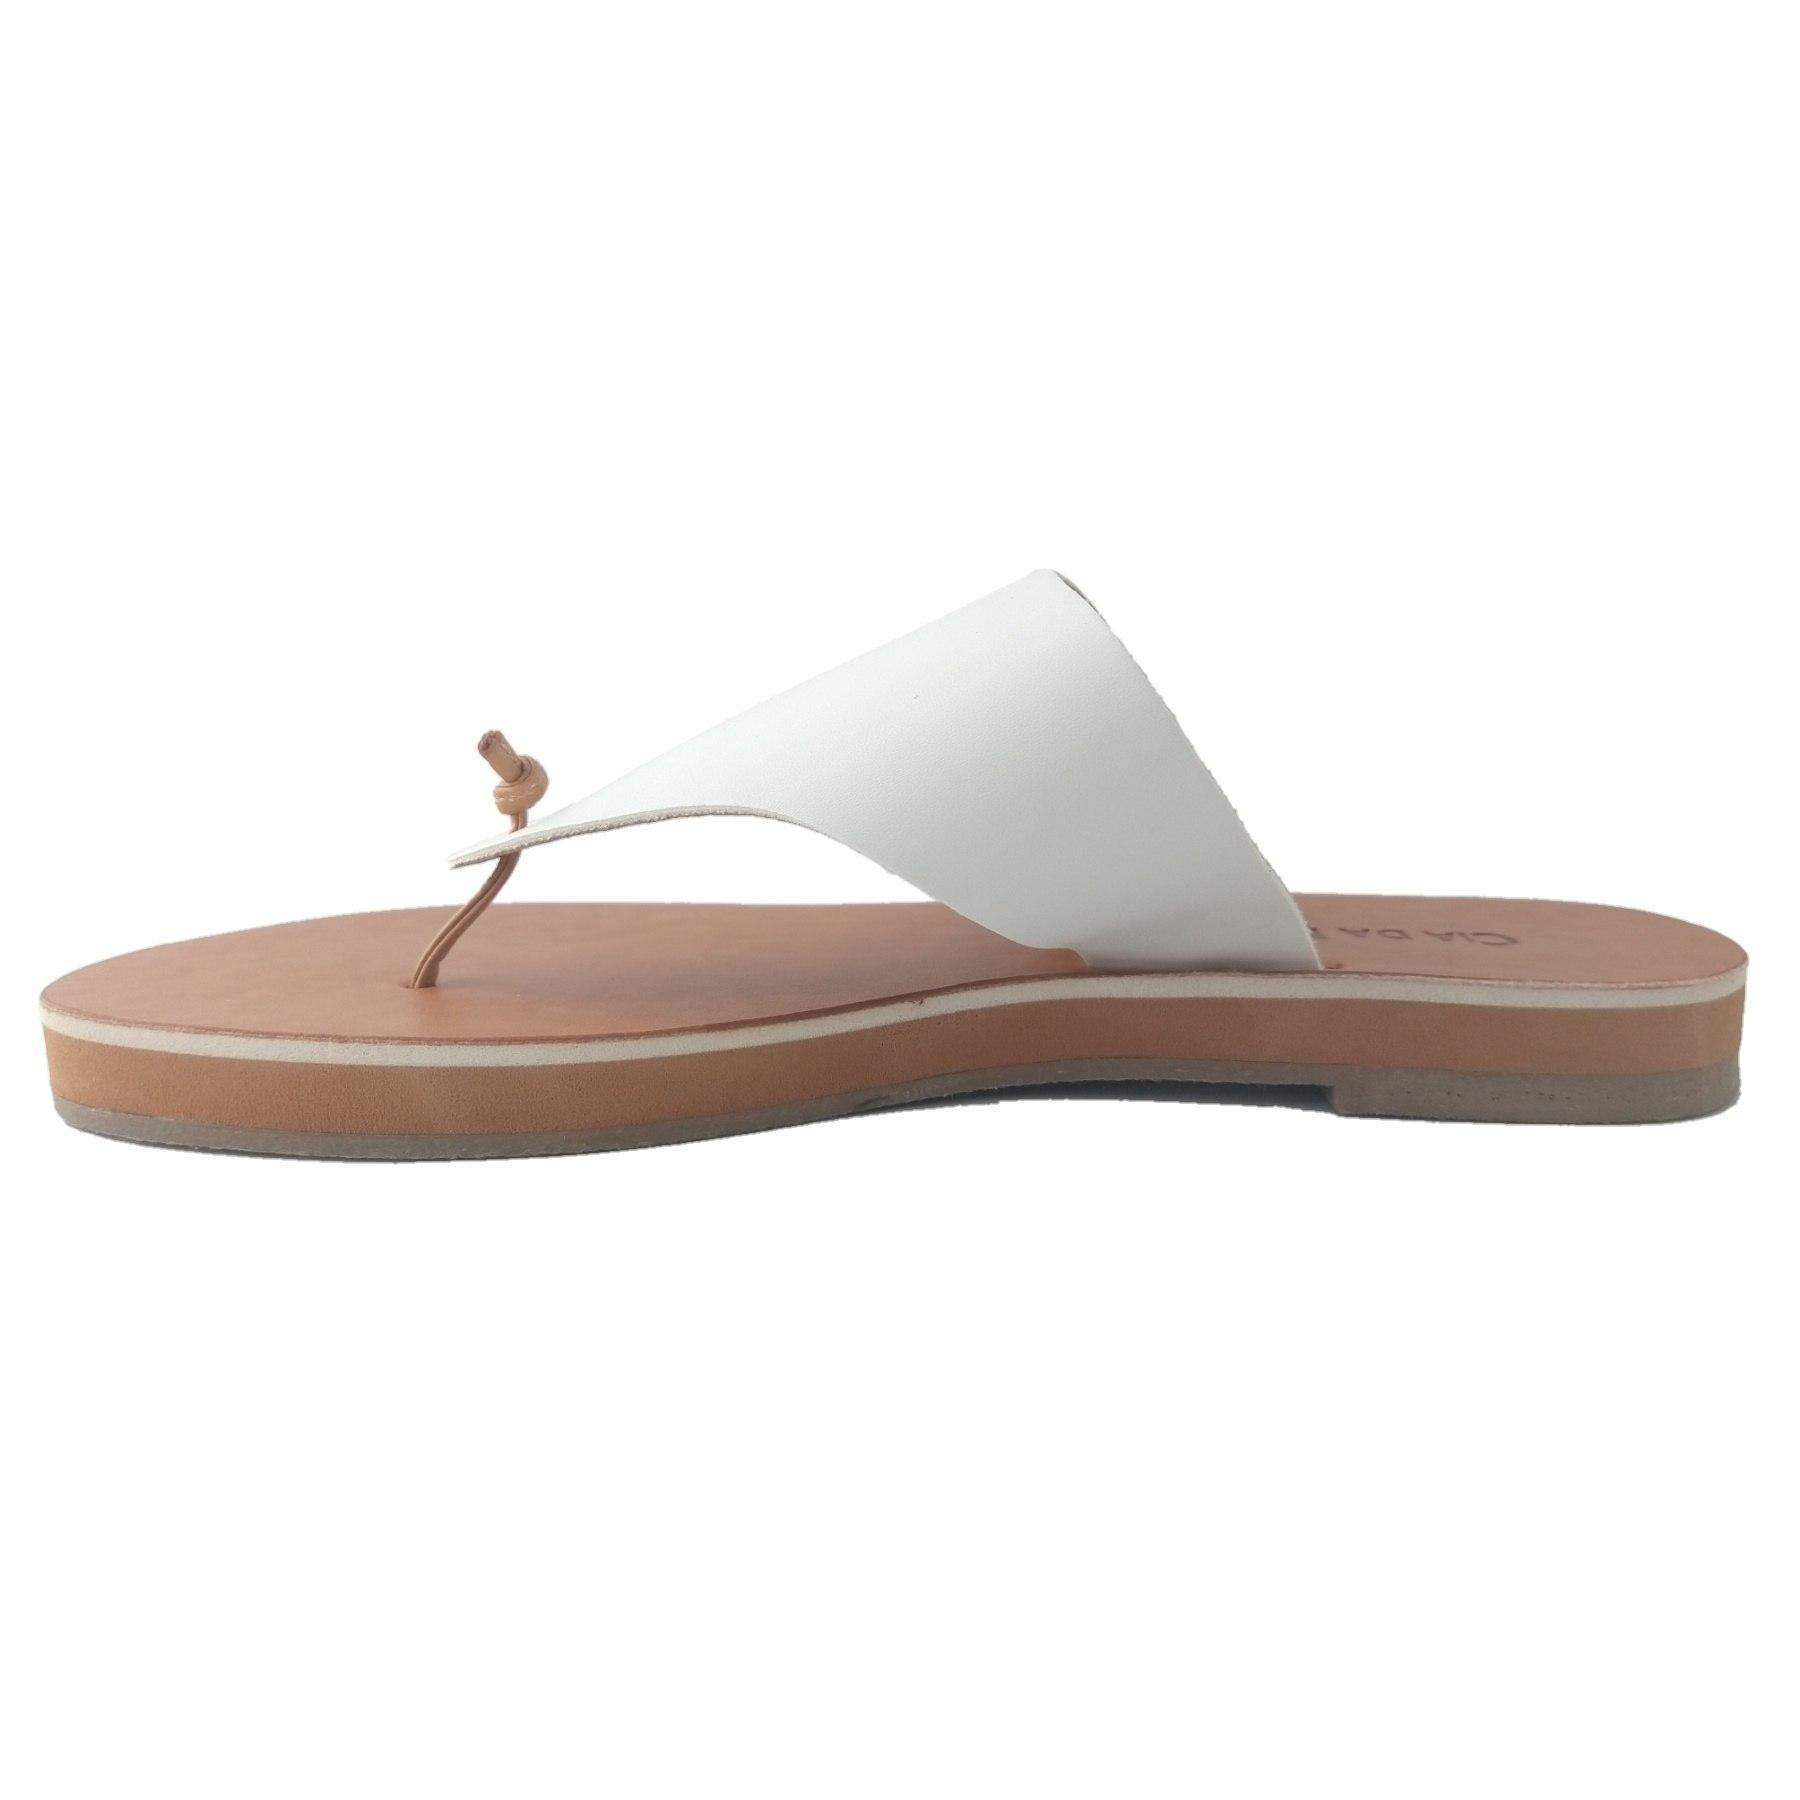 Rasteira SapatoWeb Couro Branco  - SAPATOWEB.COM